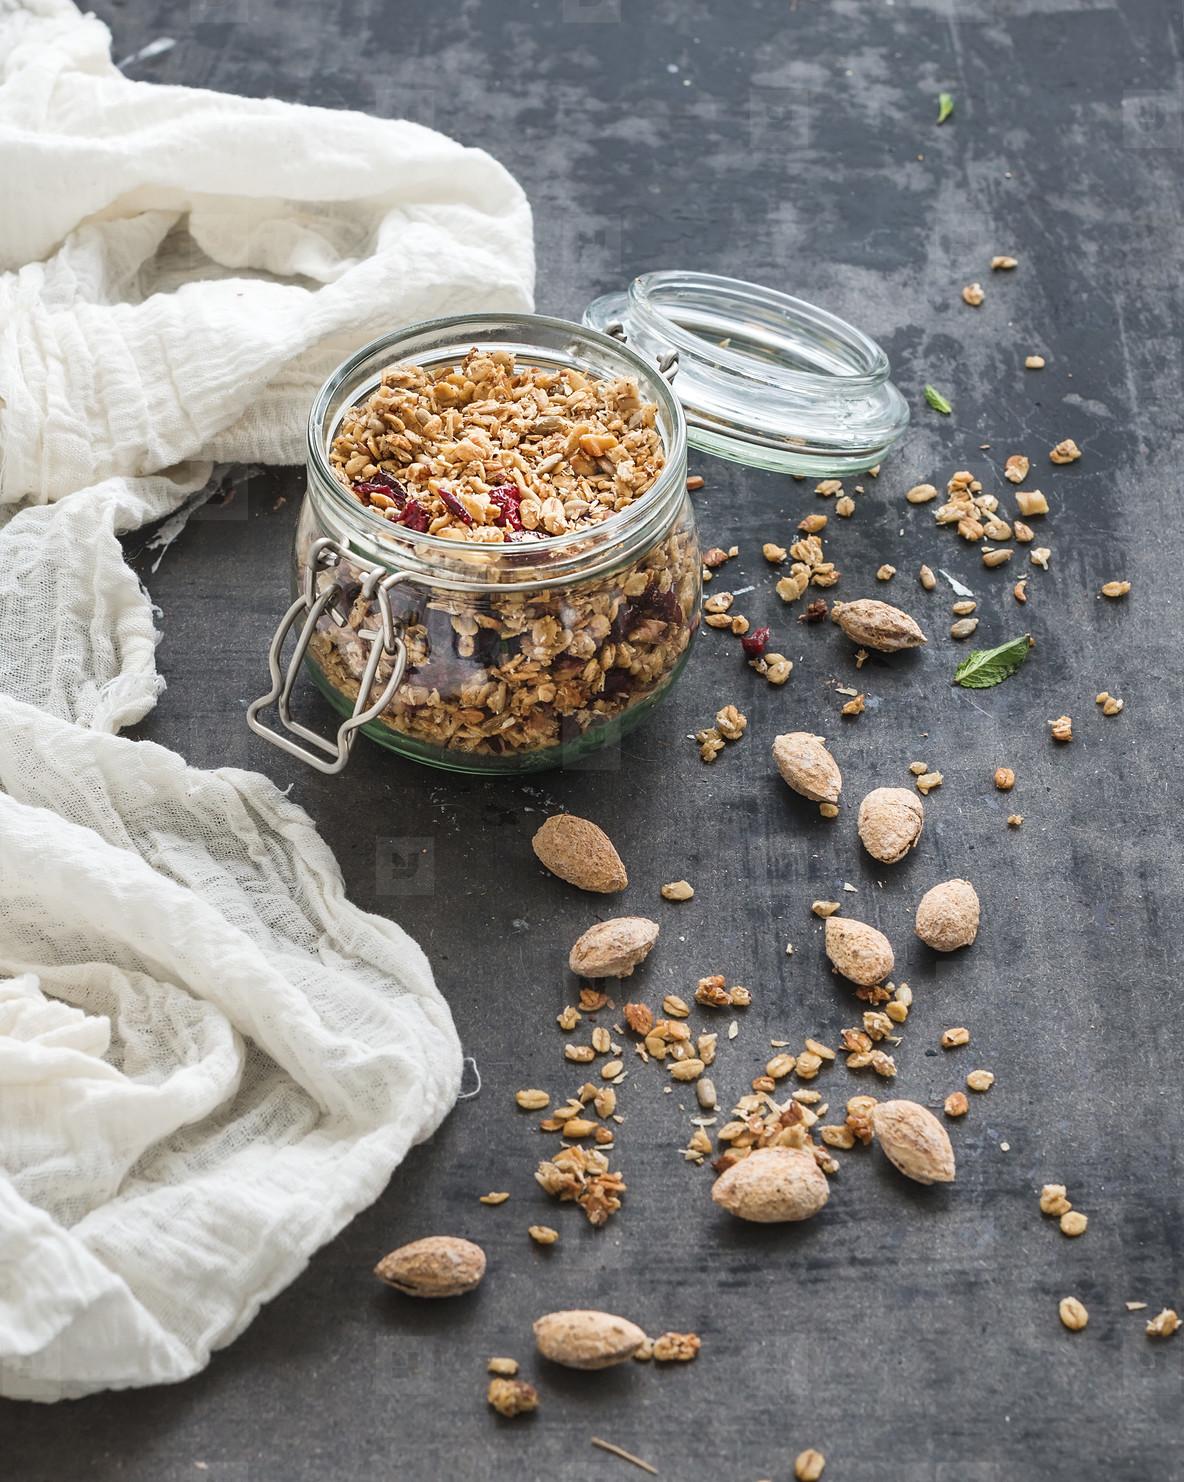 Oat granola in open glass jar on dark grunge backdrop